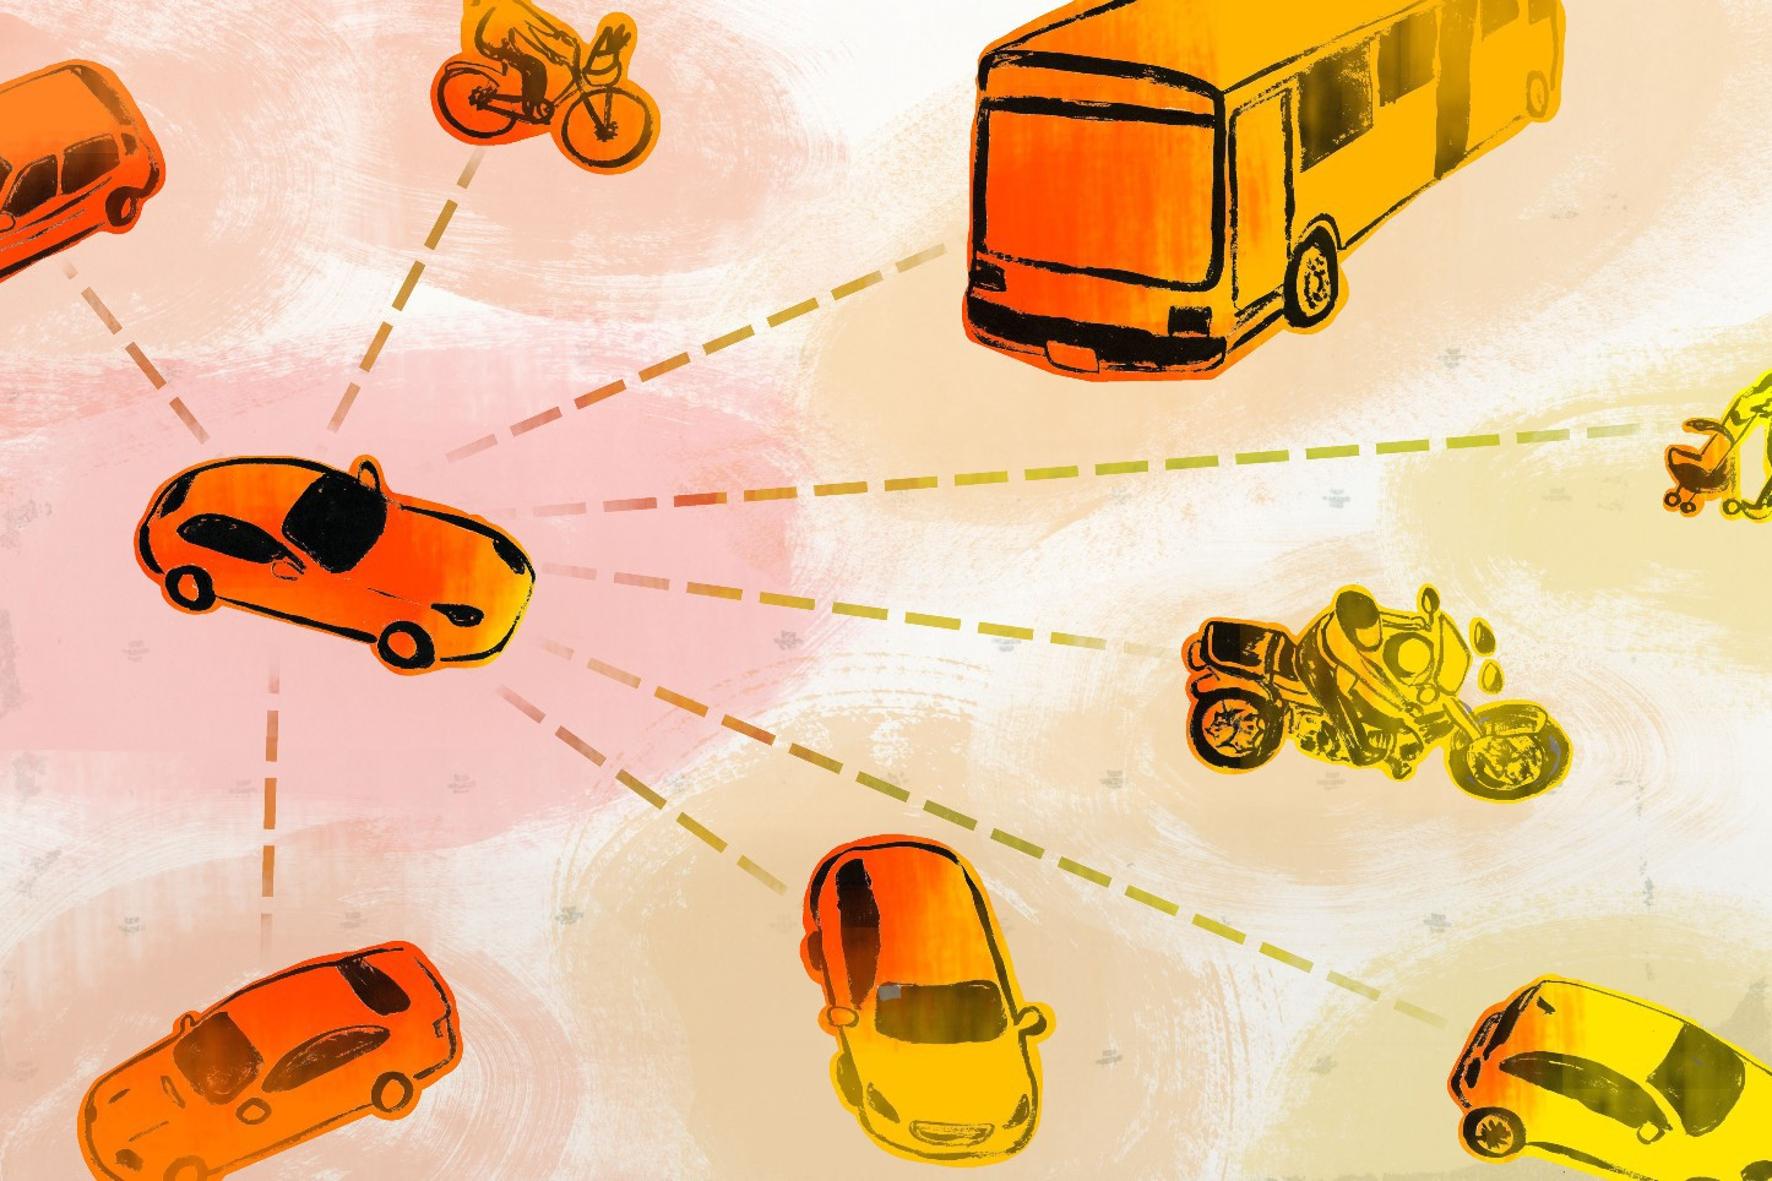 Eine Zeichnung mit Kraftfahrzeugen zum Thema E-Mobilität